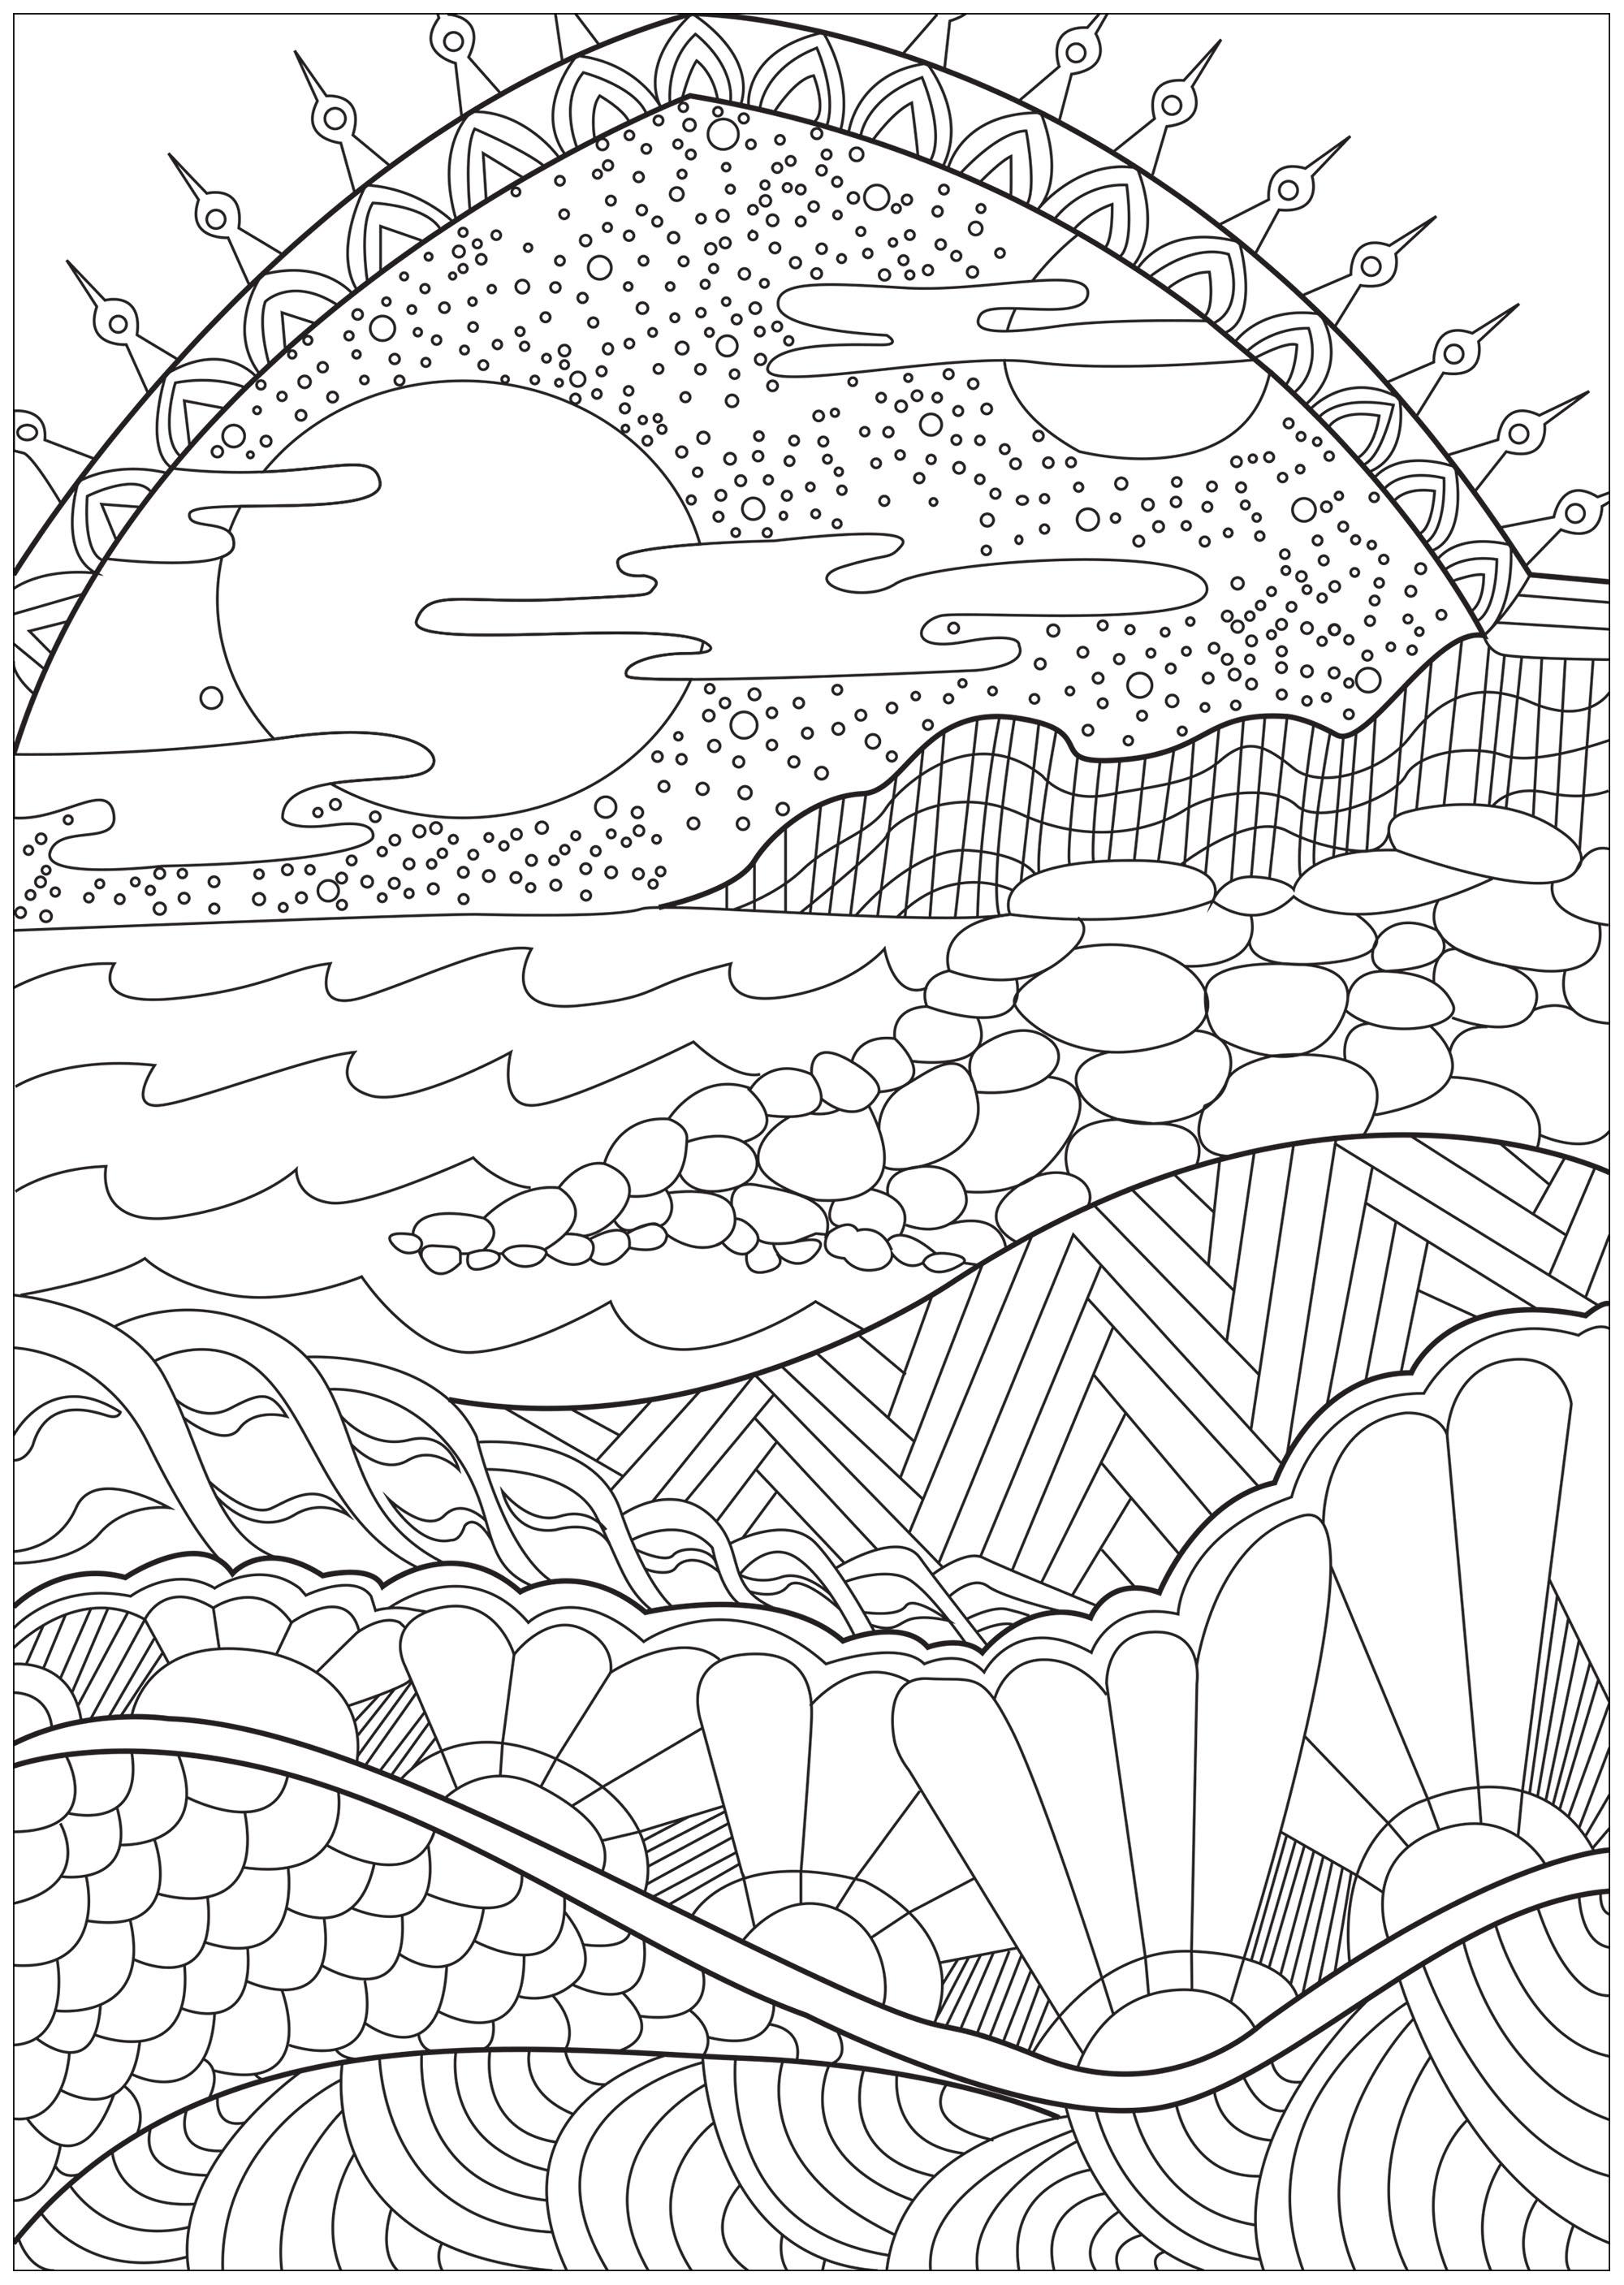 Coloriage Paysage Arc En Ciel.Paysage Paradisiaque Paysages Coloriages Difficiles Pour Adultes